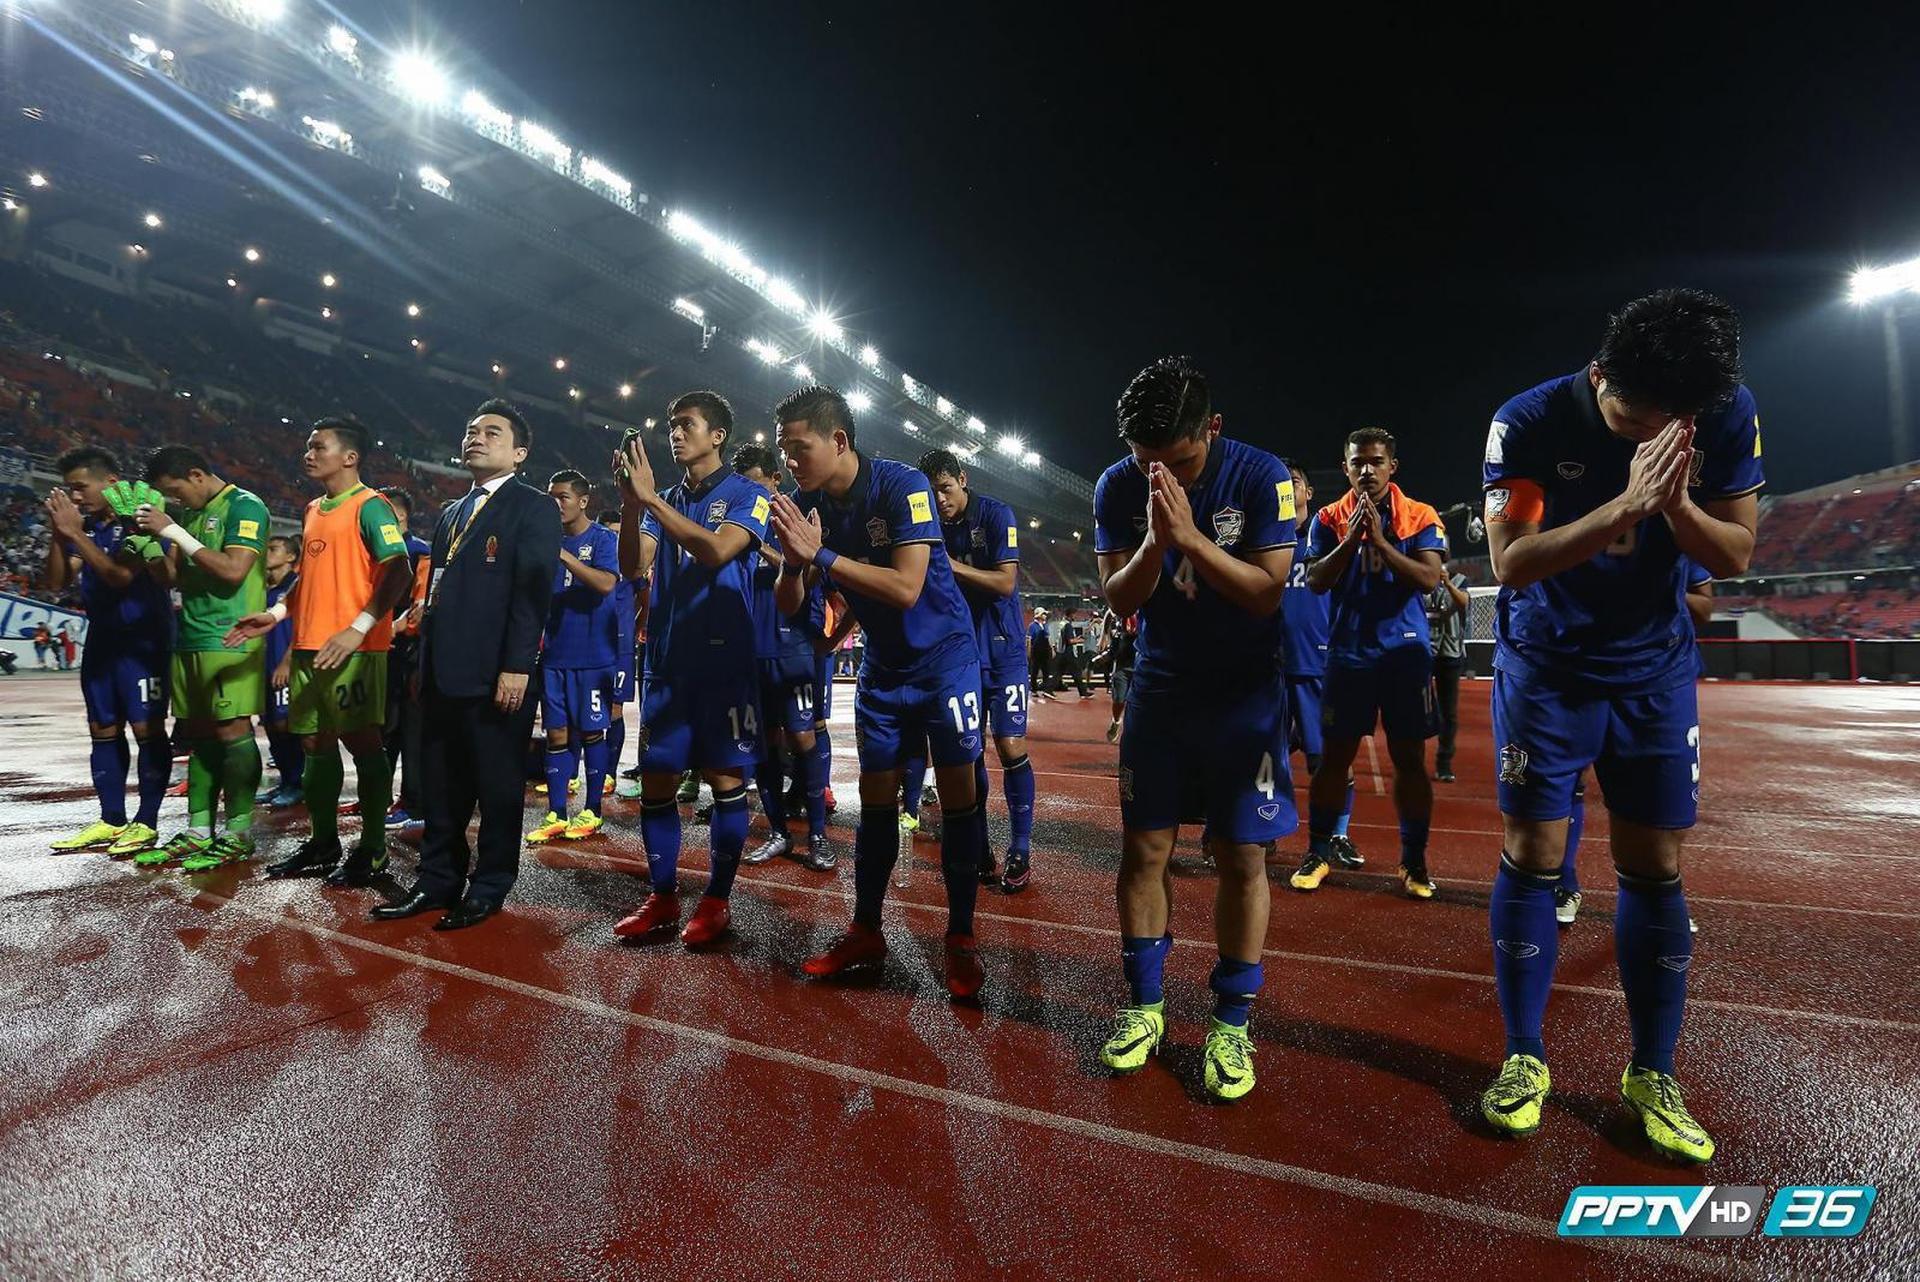 """ประมวลภาพ """"ทัพช้างศึก"""" ทีมชาติไทย เปิดบ้านพ่าย """"ลูกพระอาทิตย์"""" ทีมชาติญี่ปุ่น 0-2 WCQ2018"""